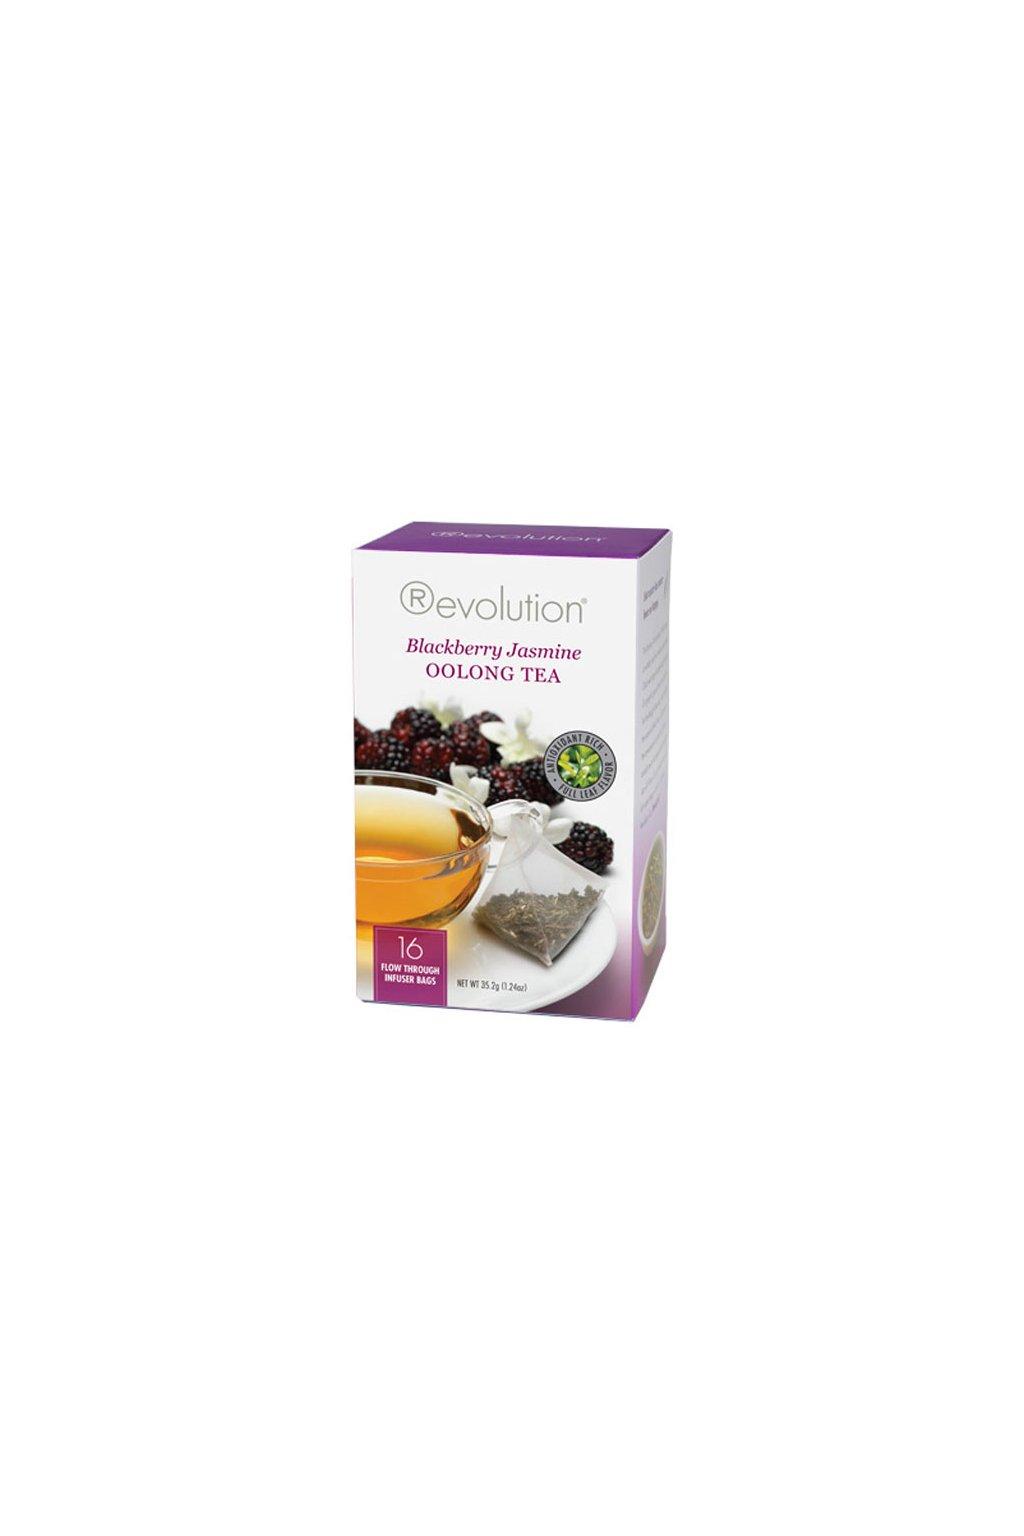 16 blackberry jasmine oolong tea3